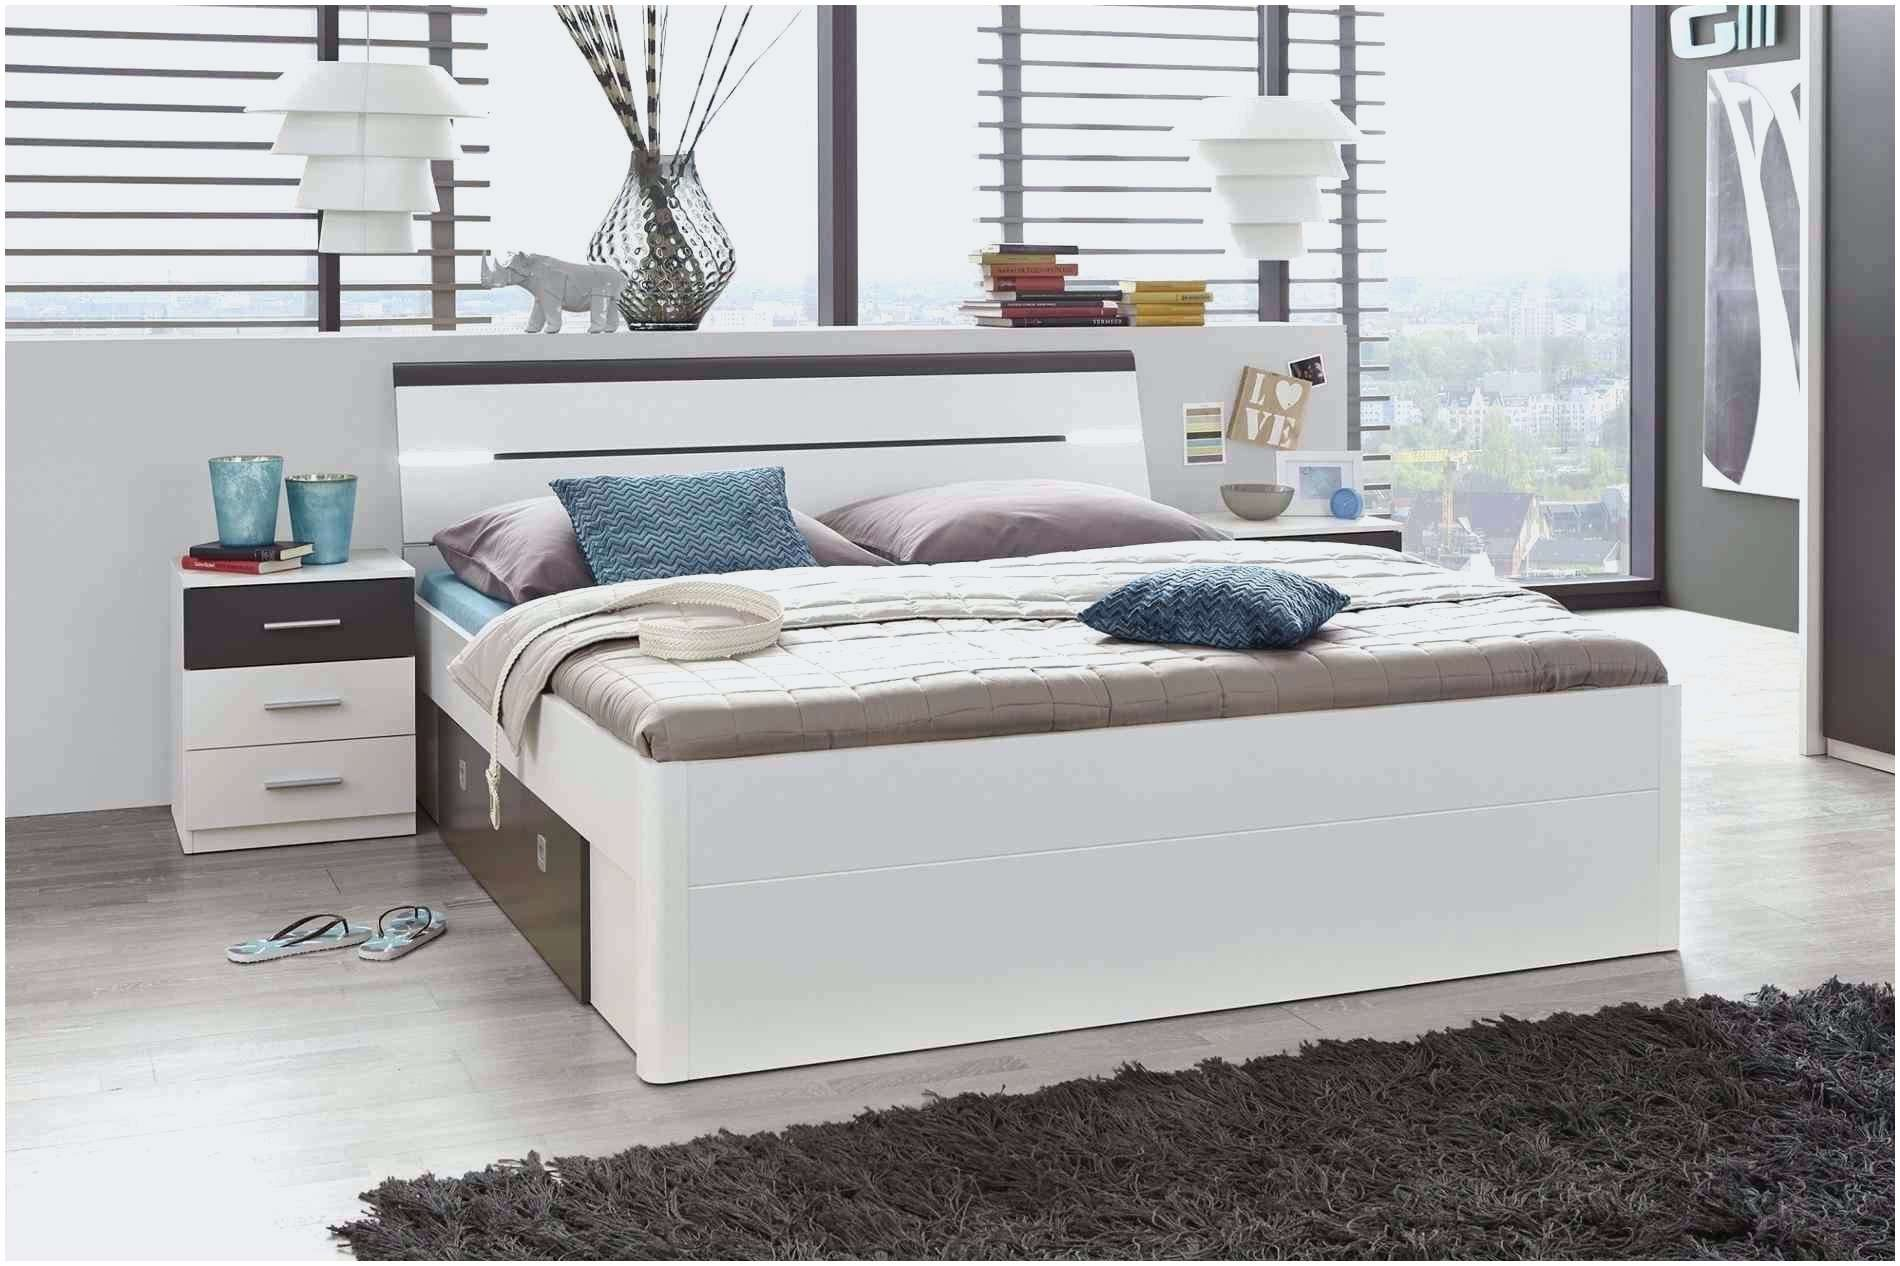 Lit Voiture Ikea Meilleur De Le Meilleur De Kura Reversible Bed White Pine 90 X 200 Cm Ikea Pour